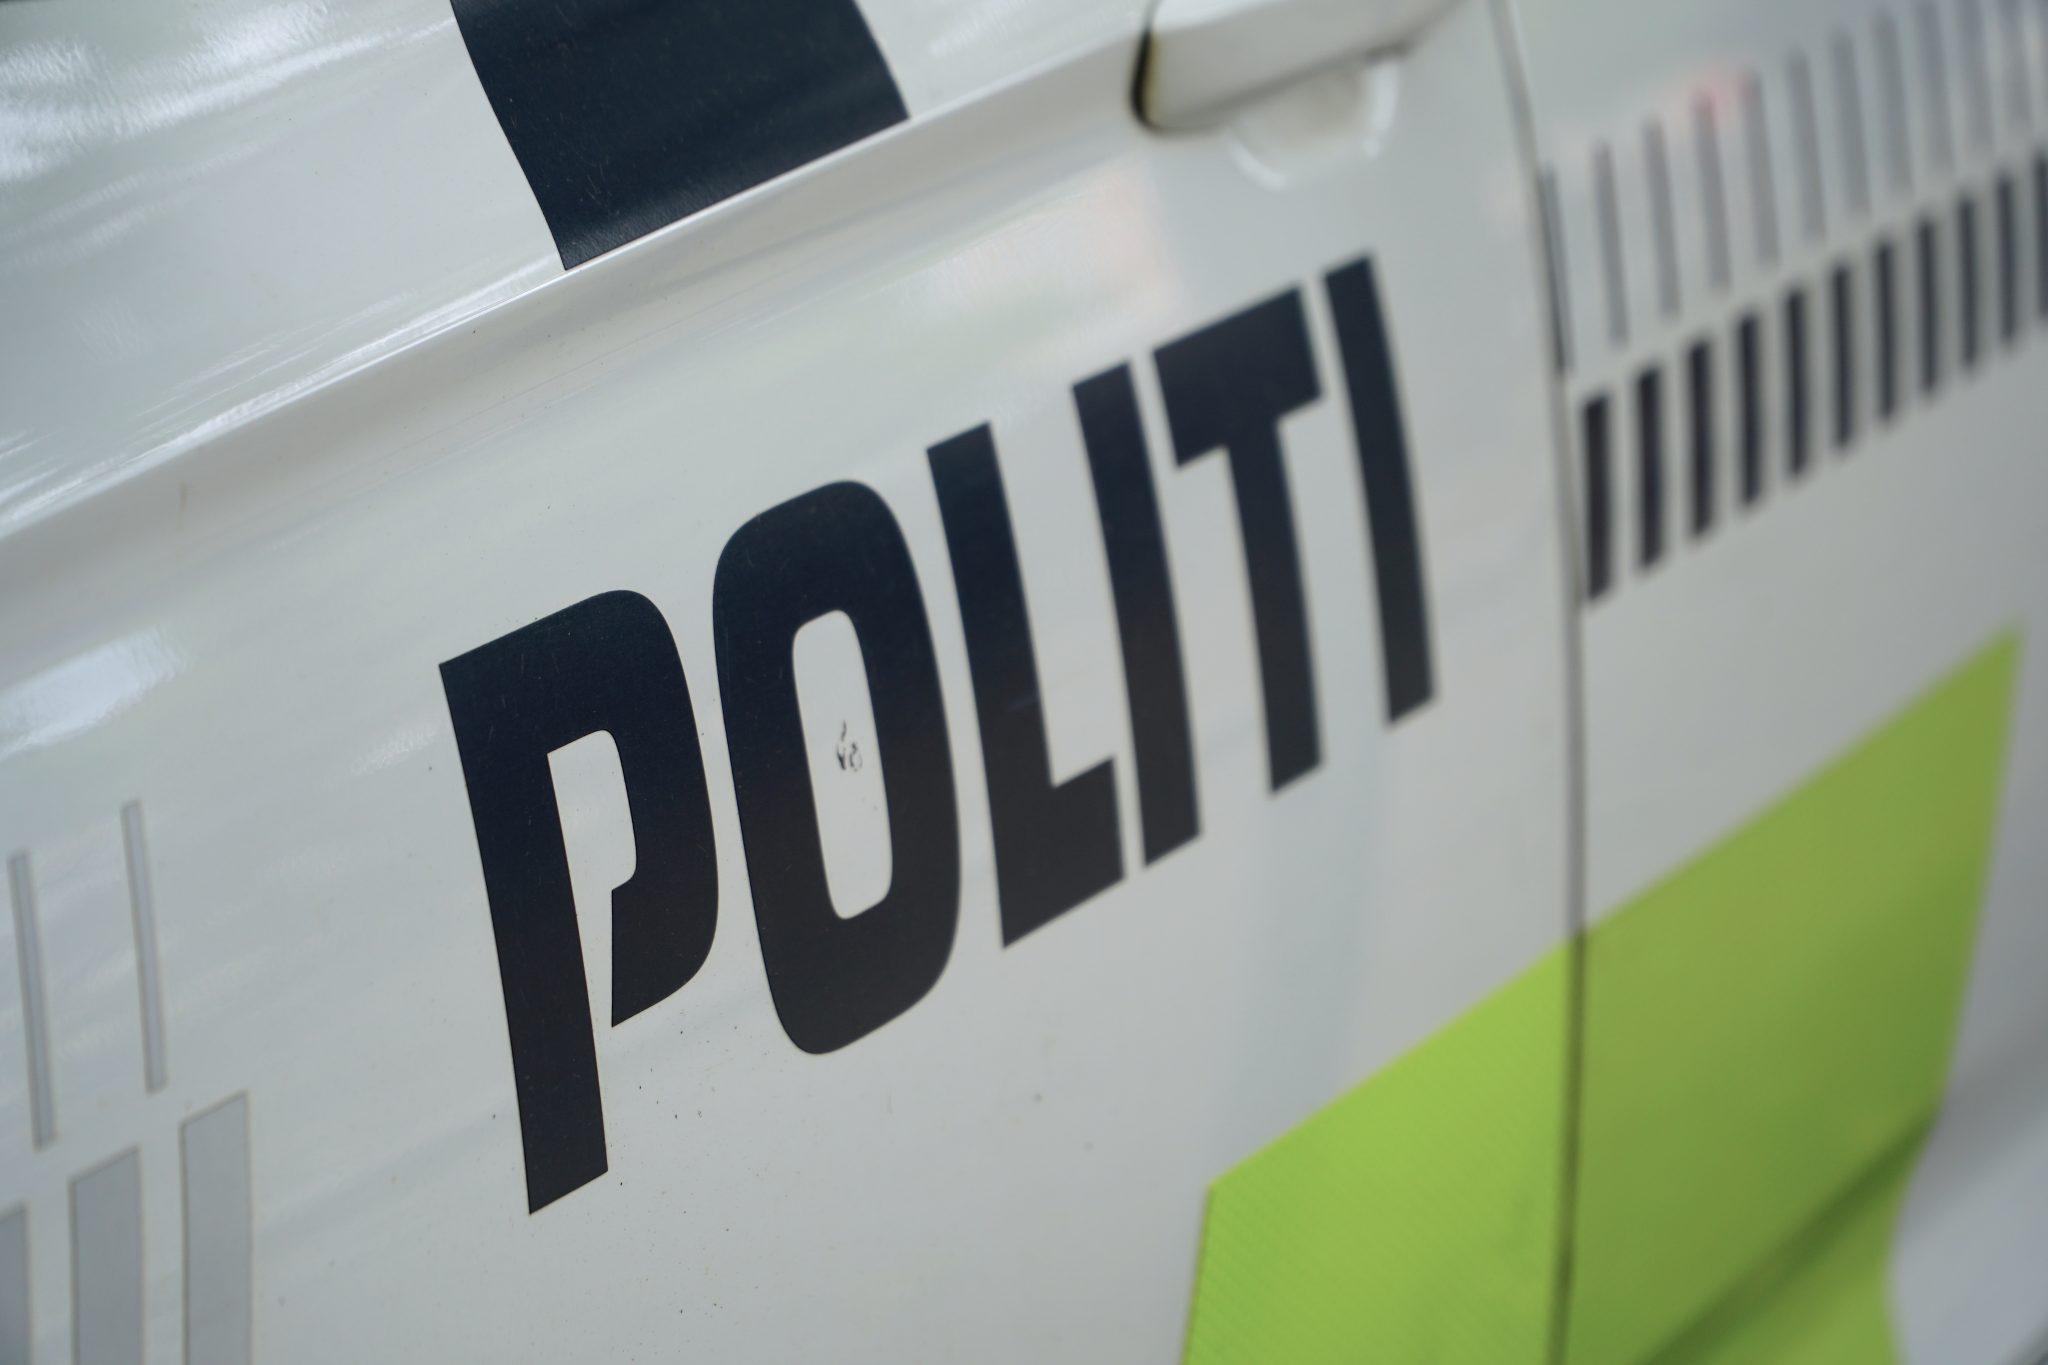 16-årig anholdt: Har bedraget enker for 1,5 millioner kroner